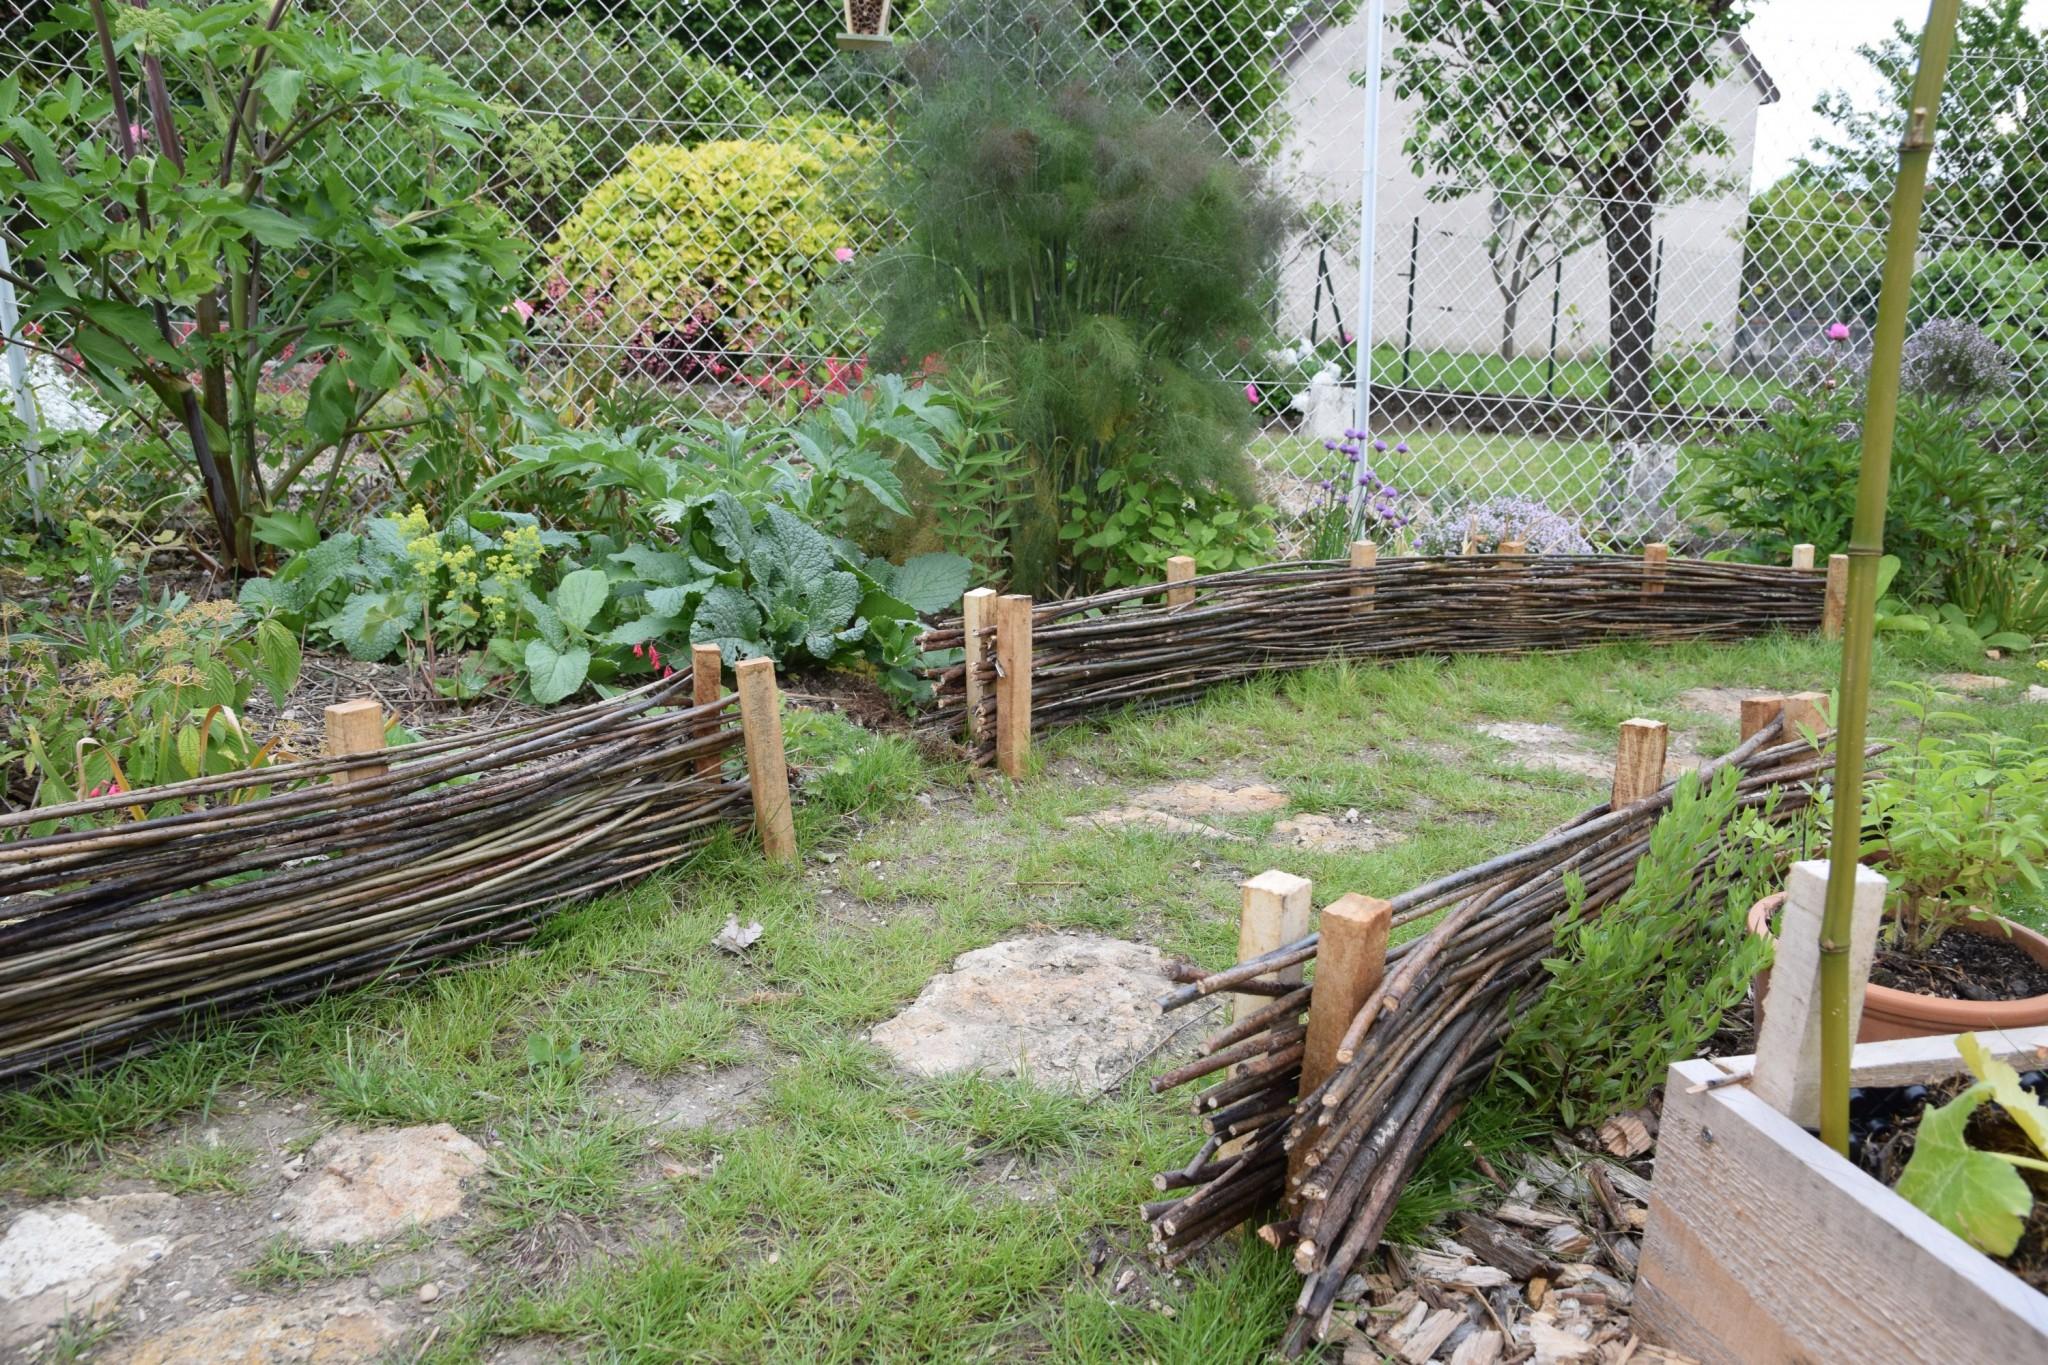 Aménagement Paysager D'un Jardin Familial À Thorigny-Sur-Marne encequiconcerne Bordure De Jardin En Osier Tressé